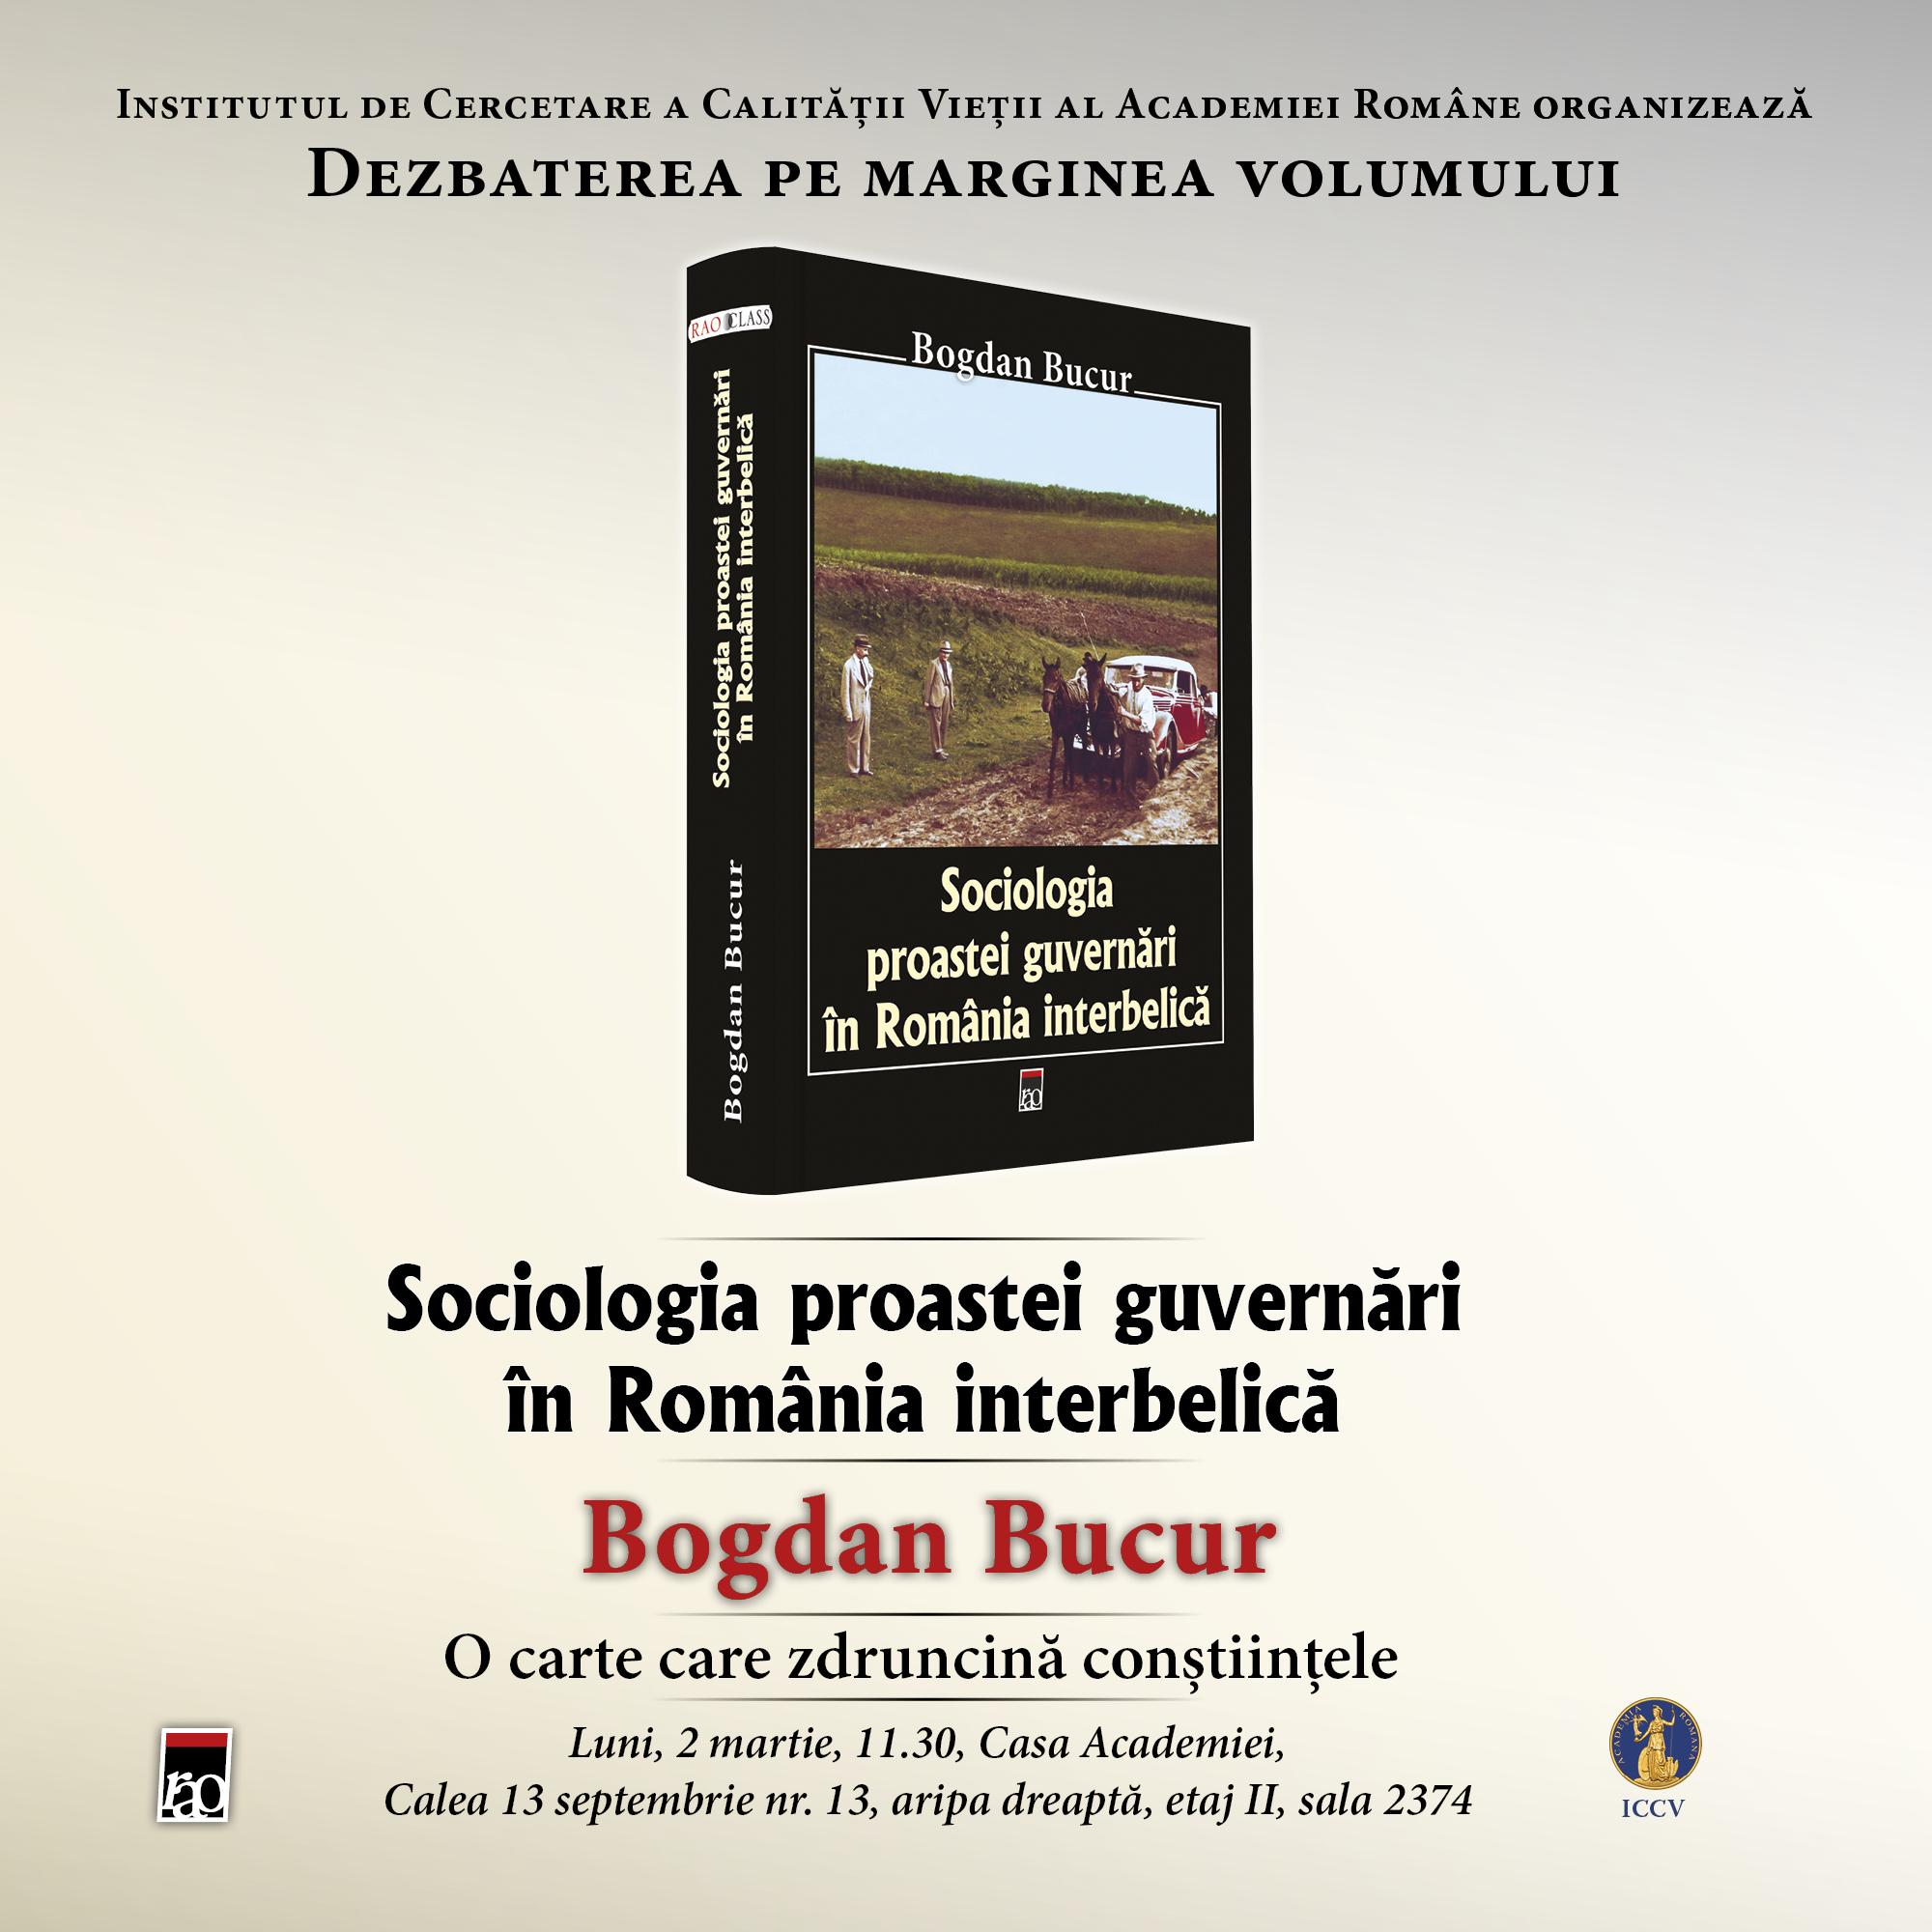 """Dezbatere pe marginea volumului """"Sociologia proastei guvernări în România interbelică"""" de Bogdan Bucur"""